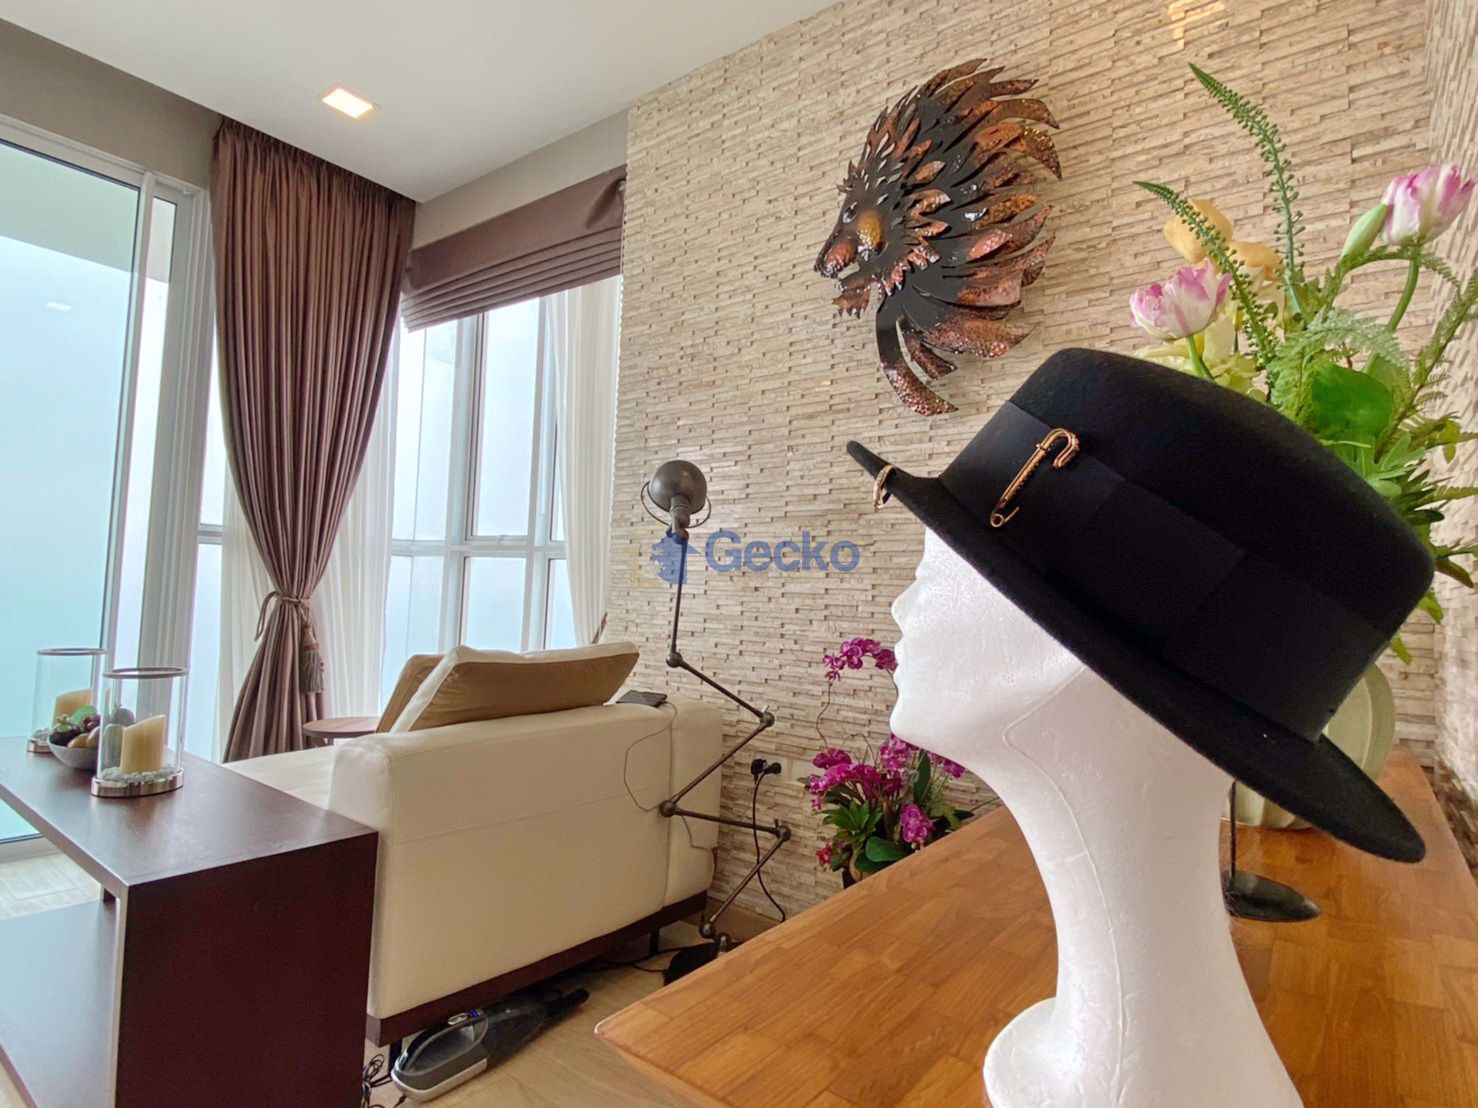 รูปภาพ 2 Bedrooms bed in Condo in Cetus in Jomtien C009020